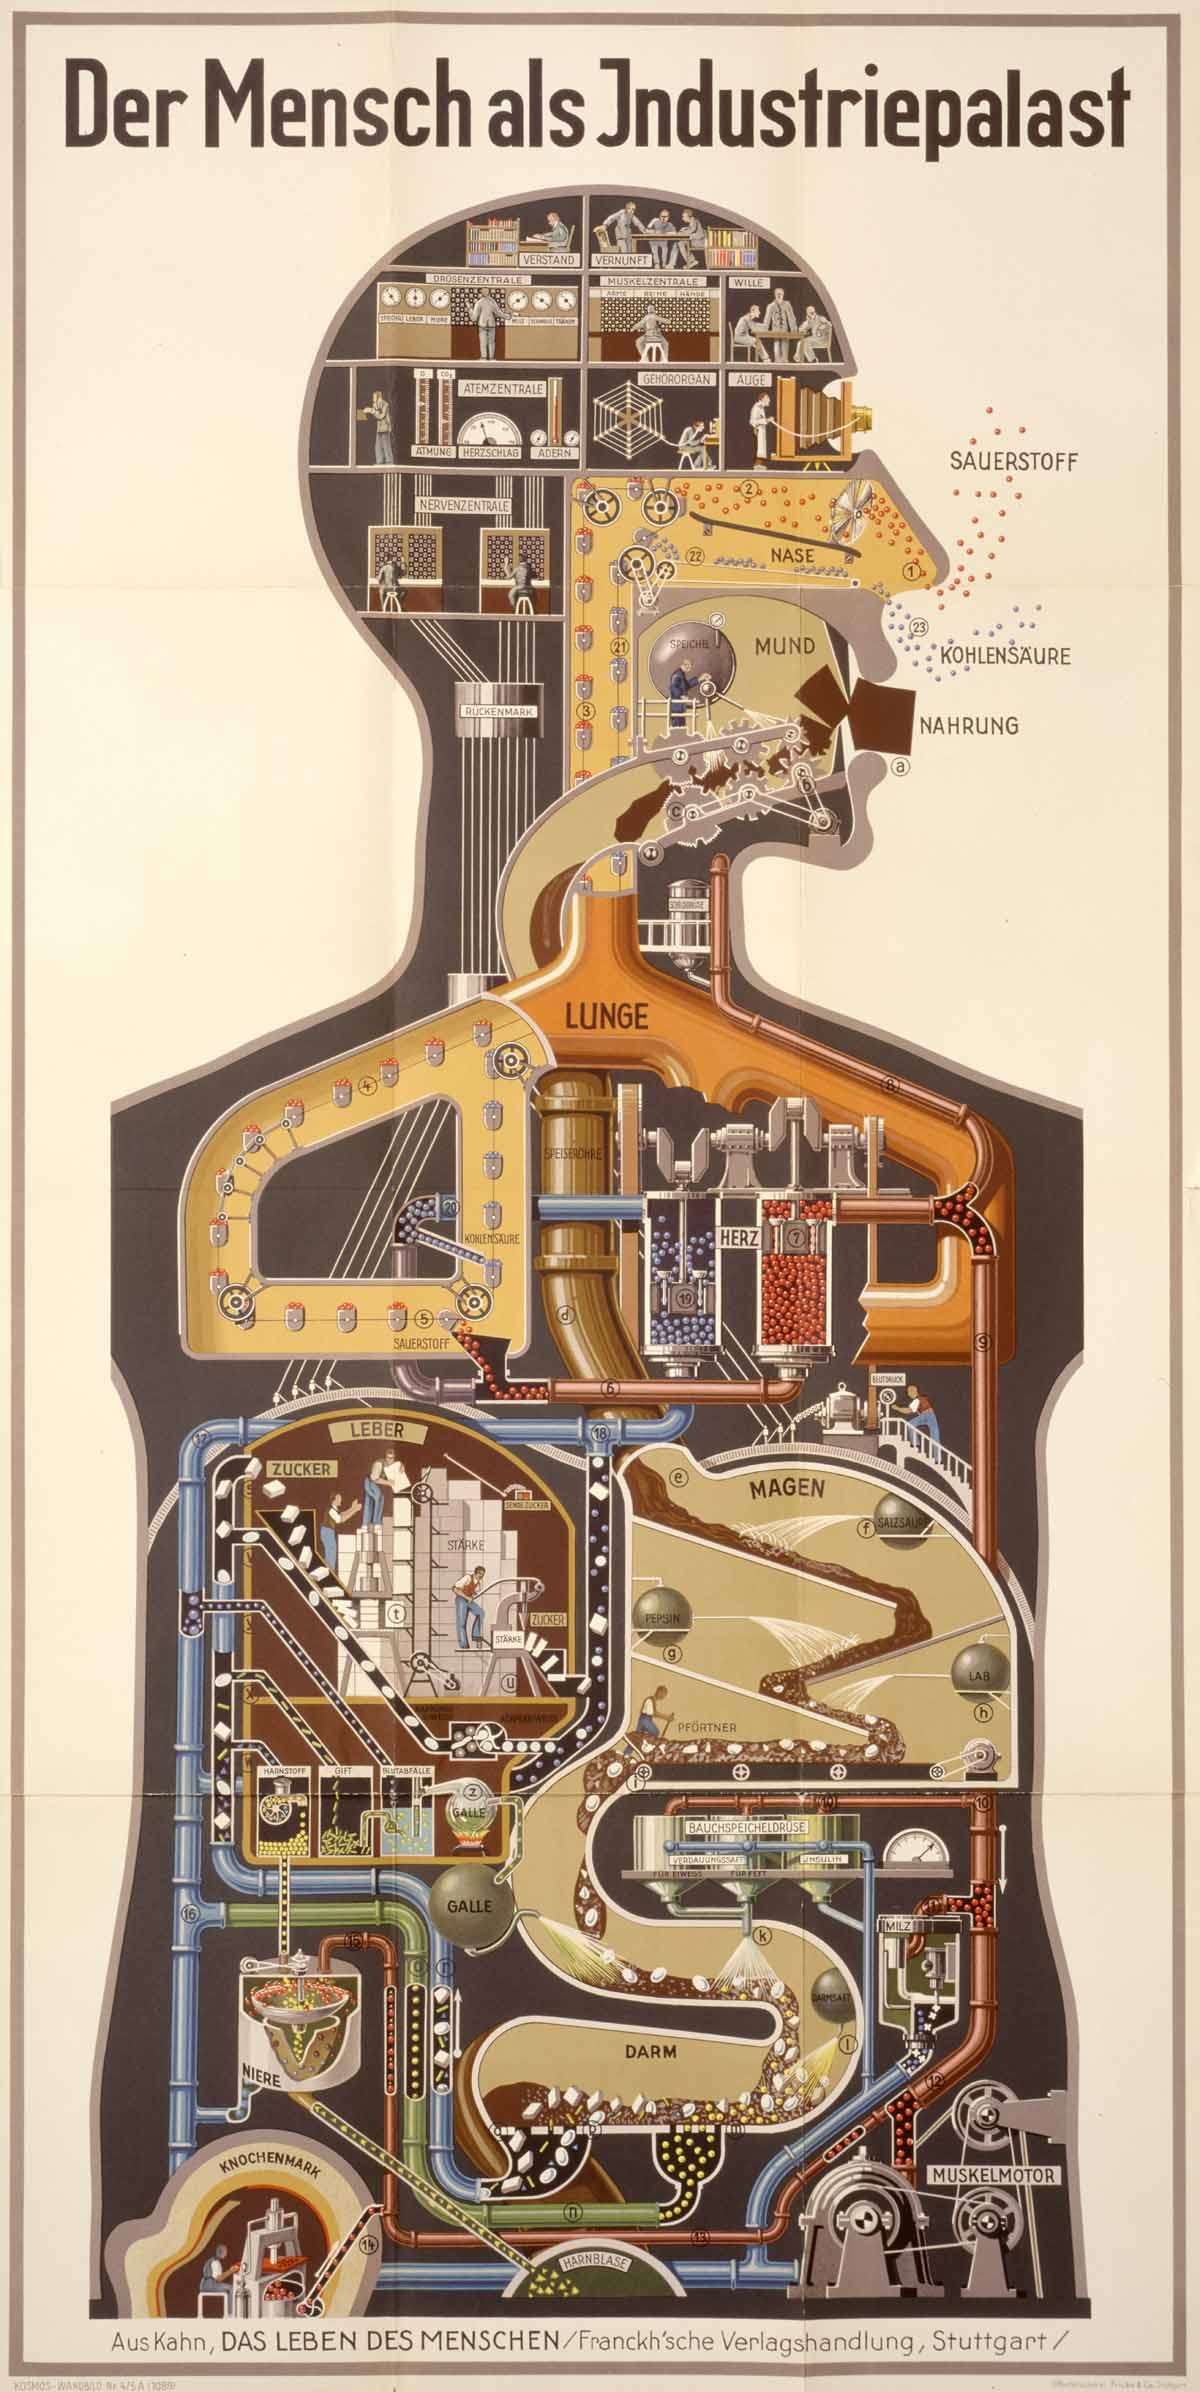 Der Mensch als Industriepalast by Fritz Kahn